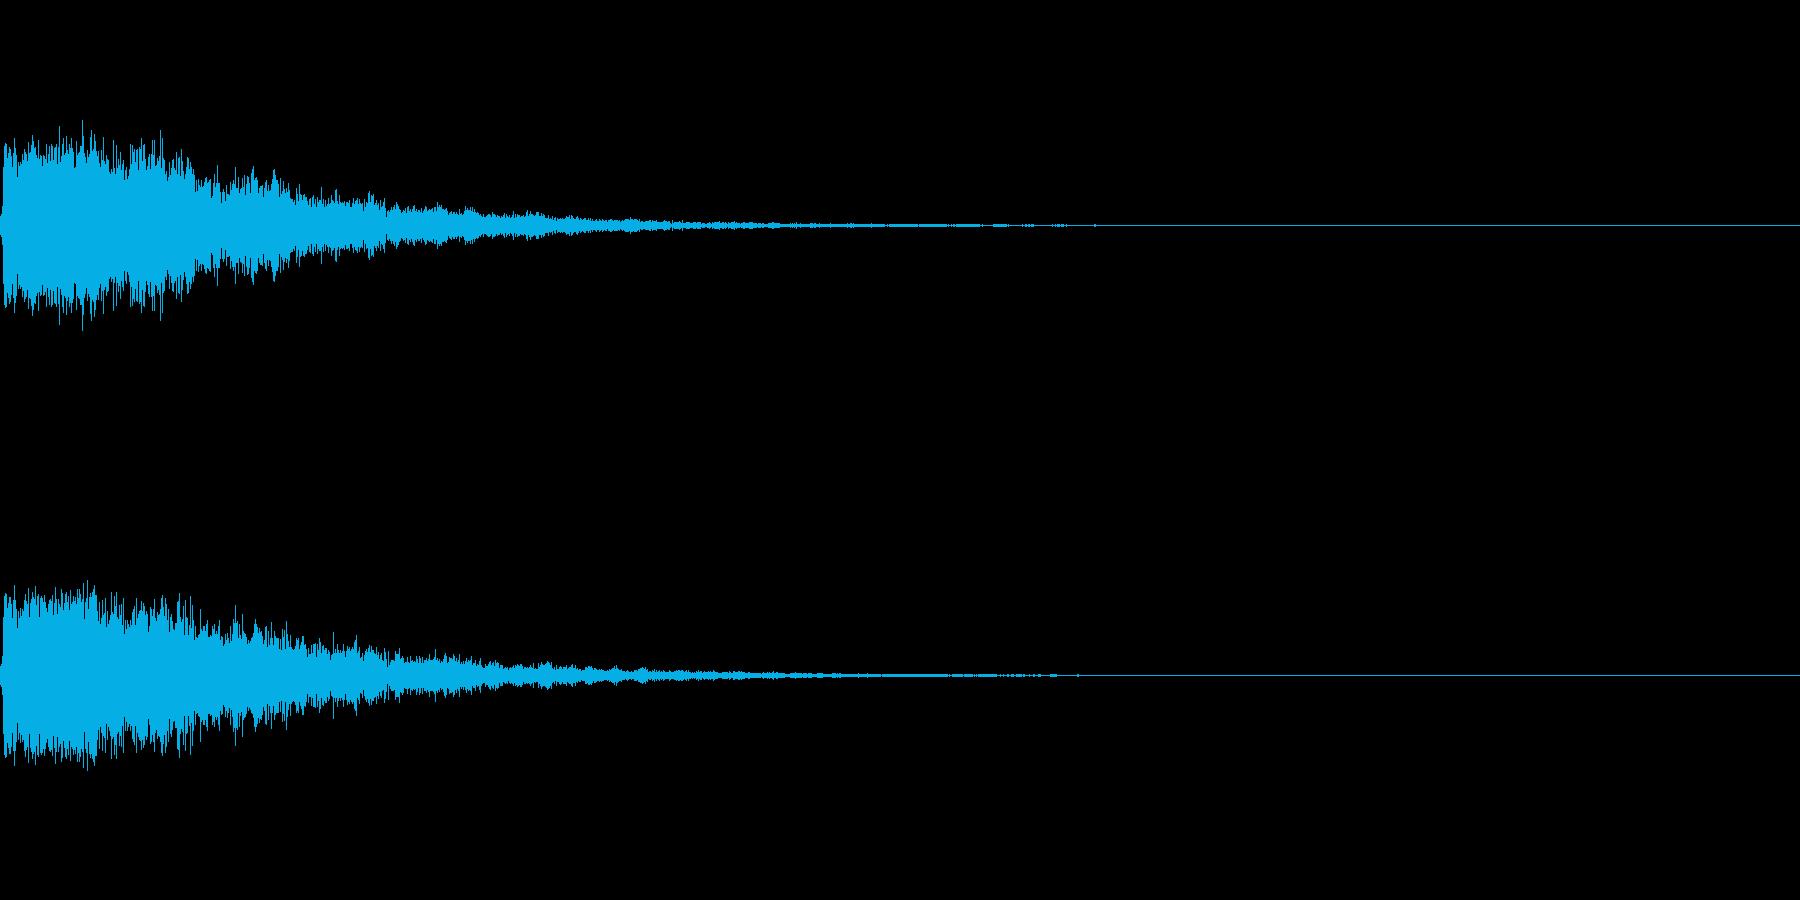 ポンッ (弾んだり、スマッシュ)の音の再生済みの波形